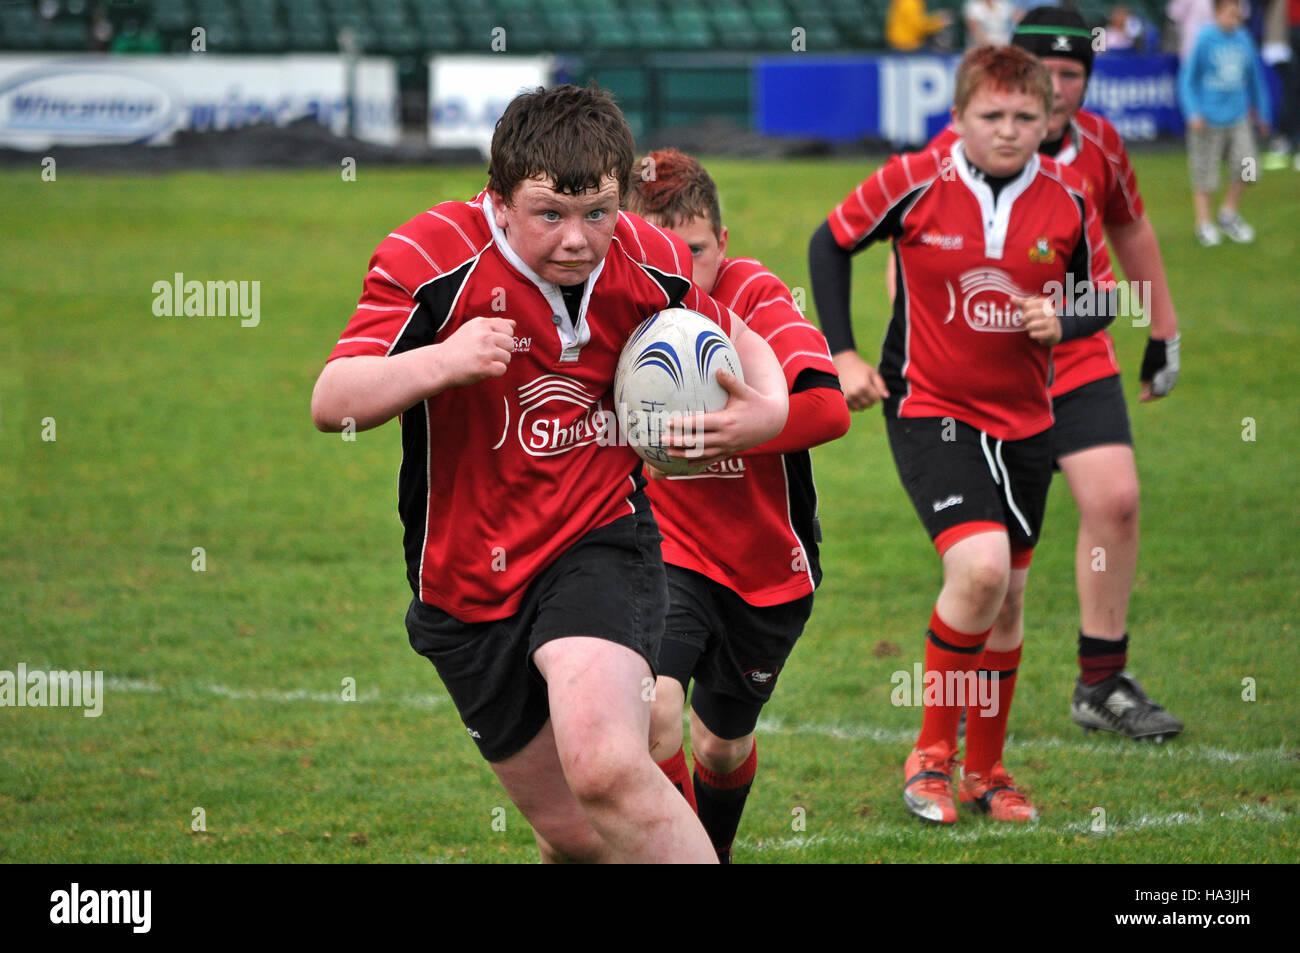 Adolescents à jouer au rugby Photo Stock